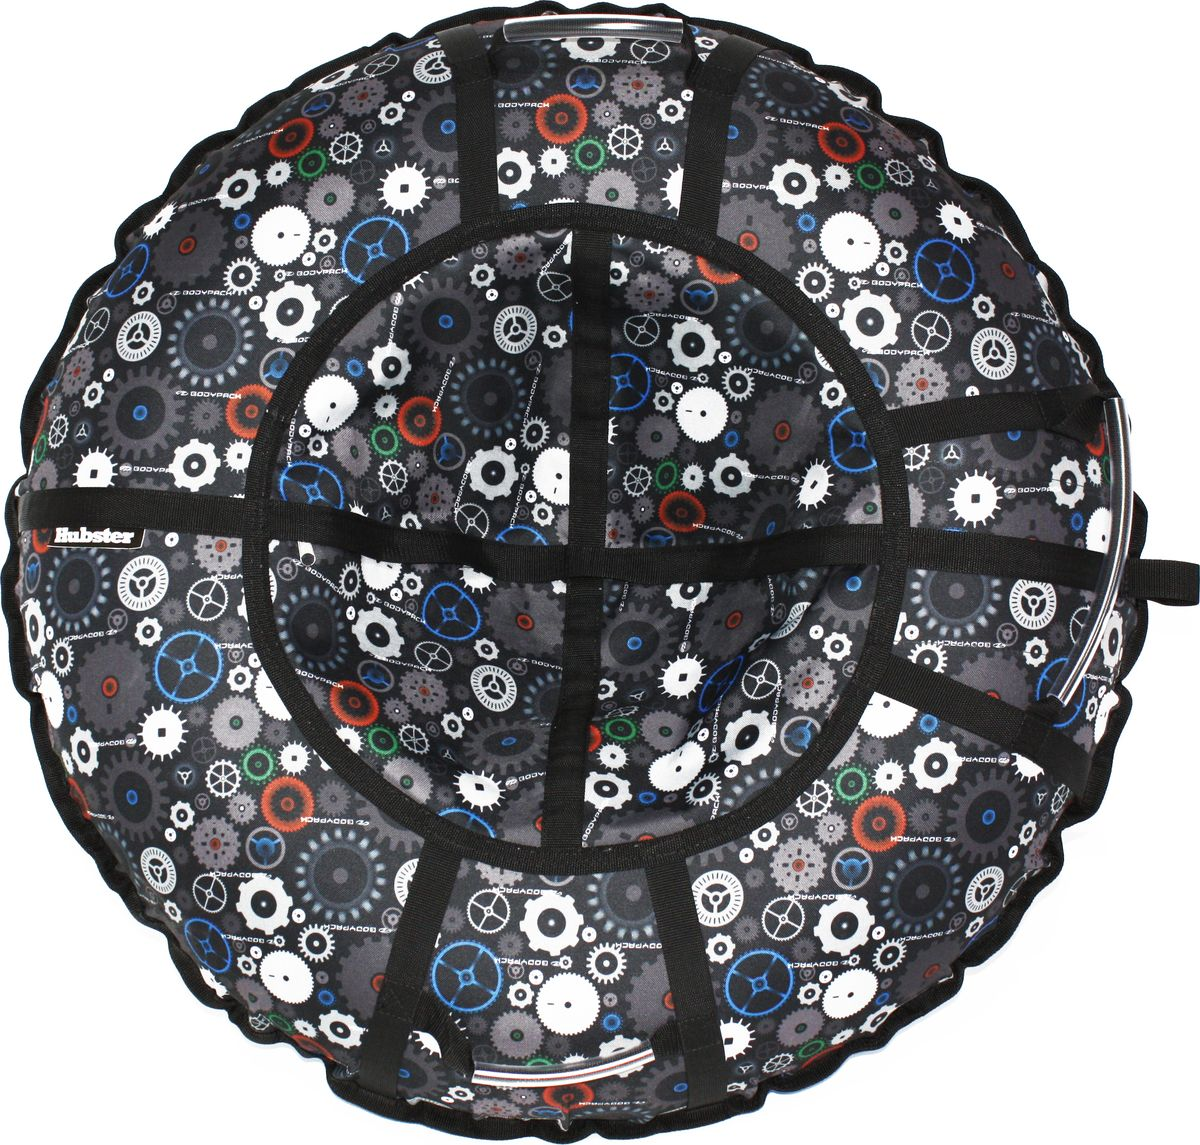 """Тюбинг Hubster """"Люкс Pro. Техно"""", цвет: черный, серый, диаметр 105 см"""